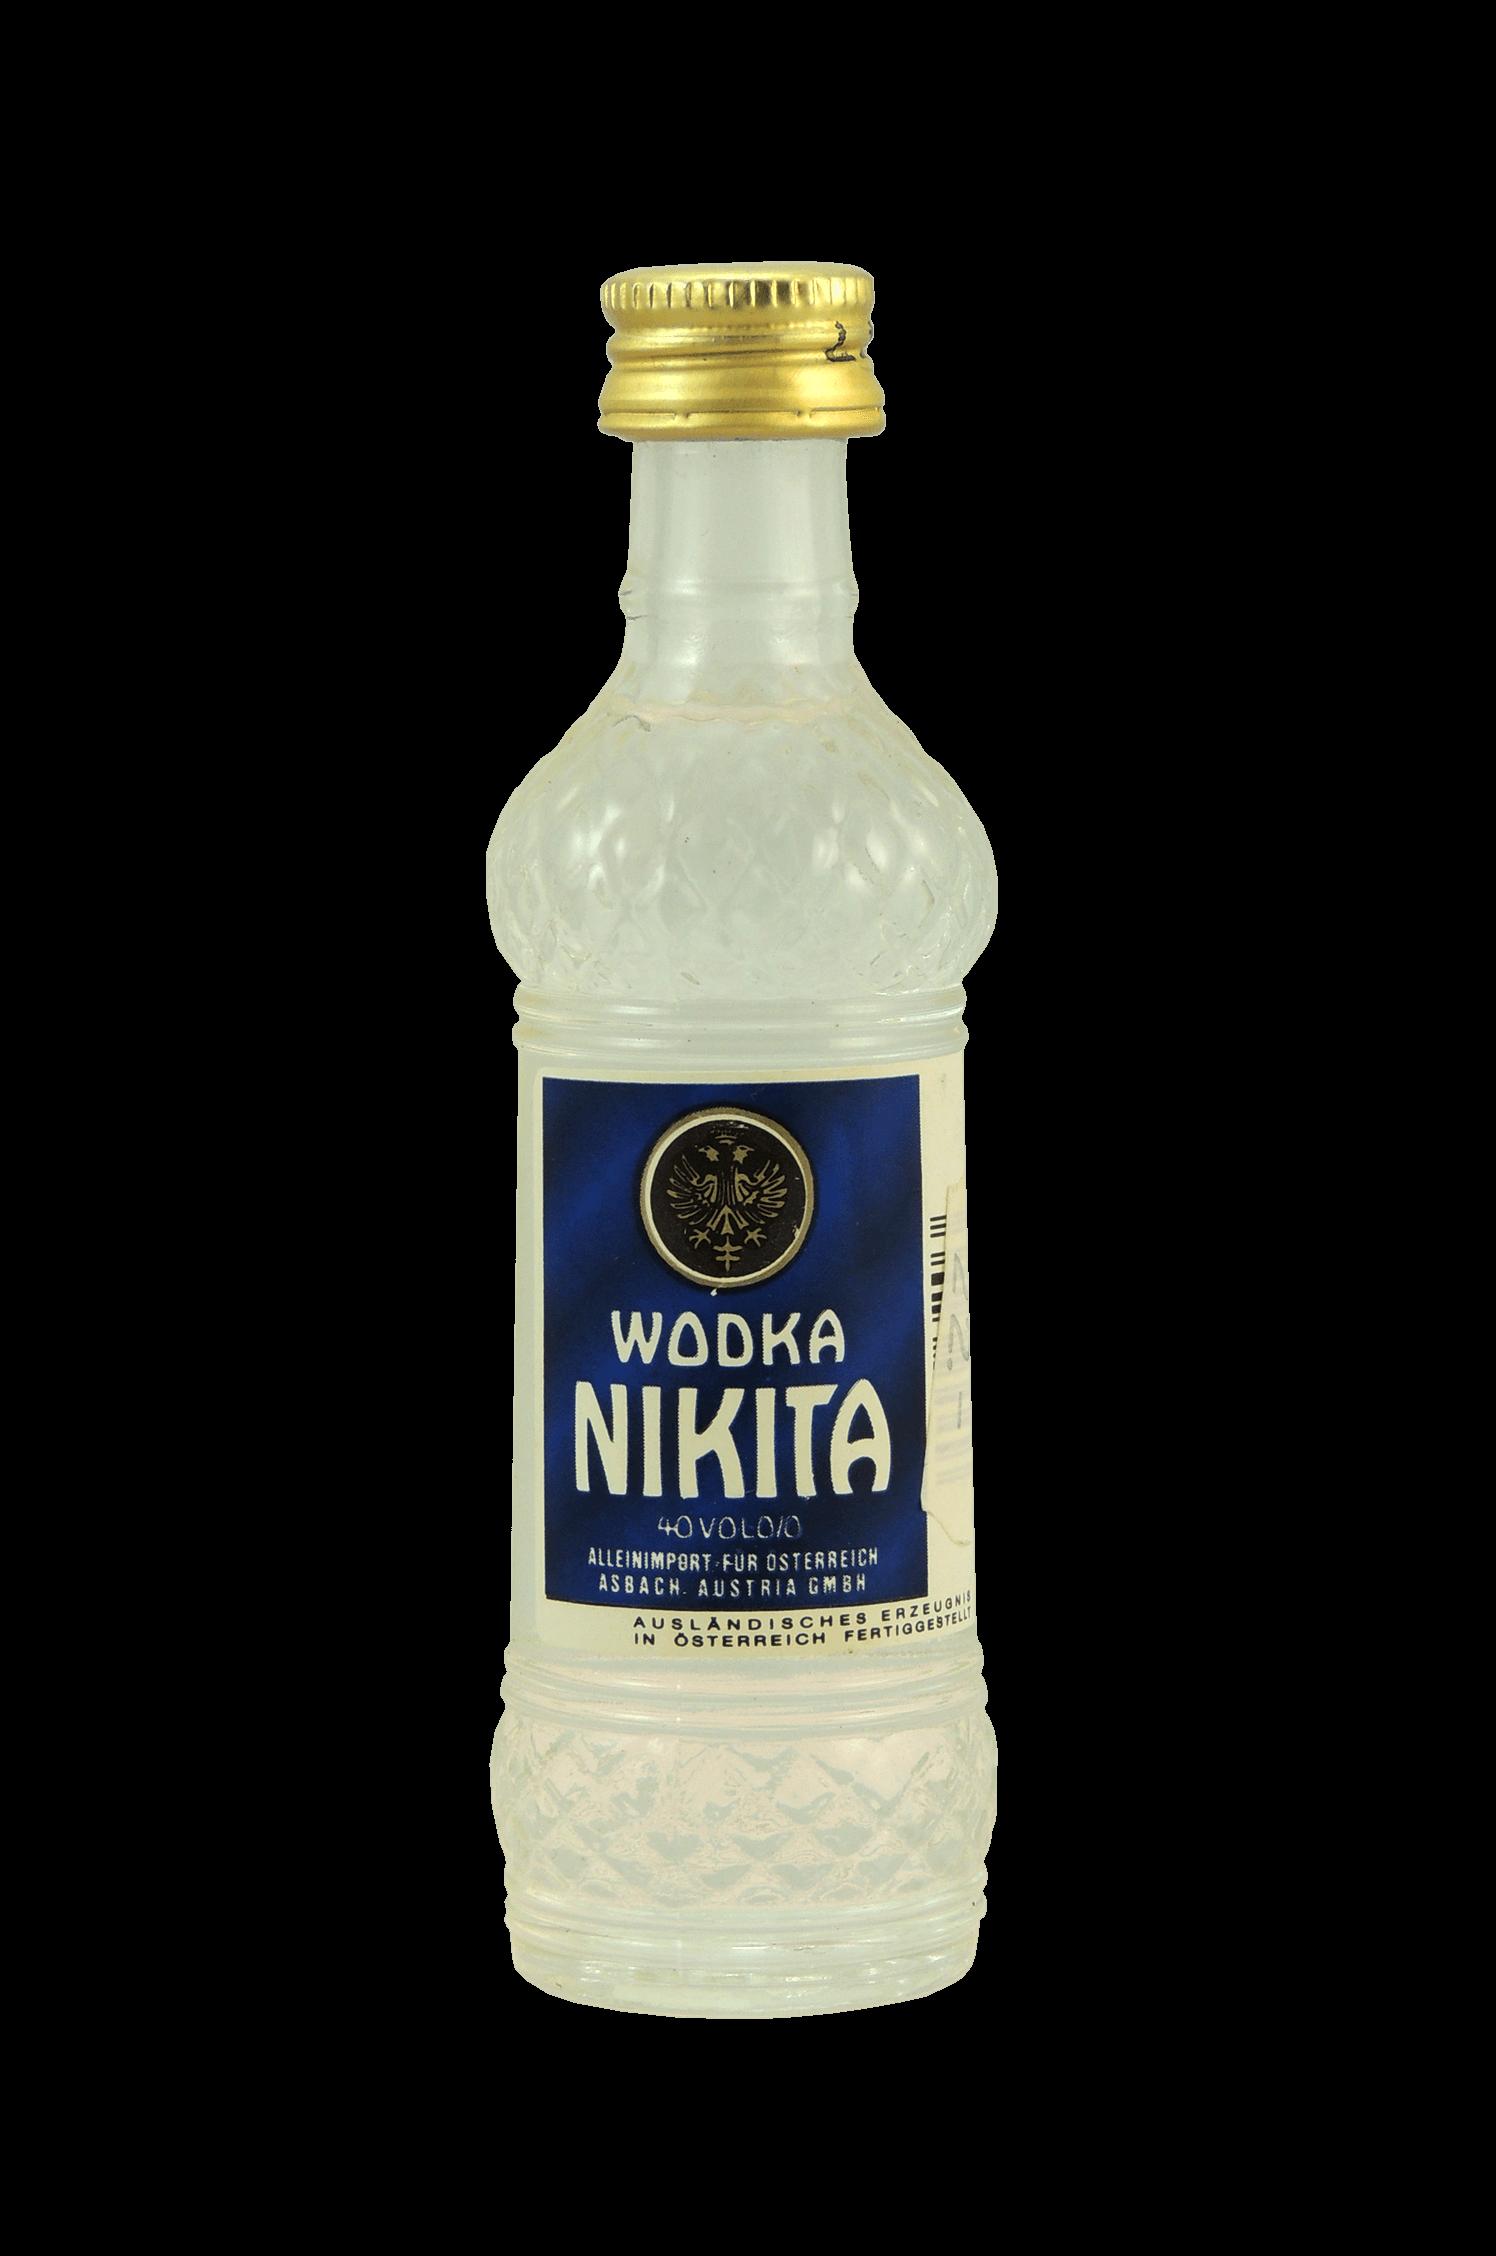 Wodka Nikita